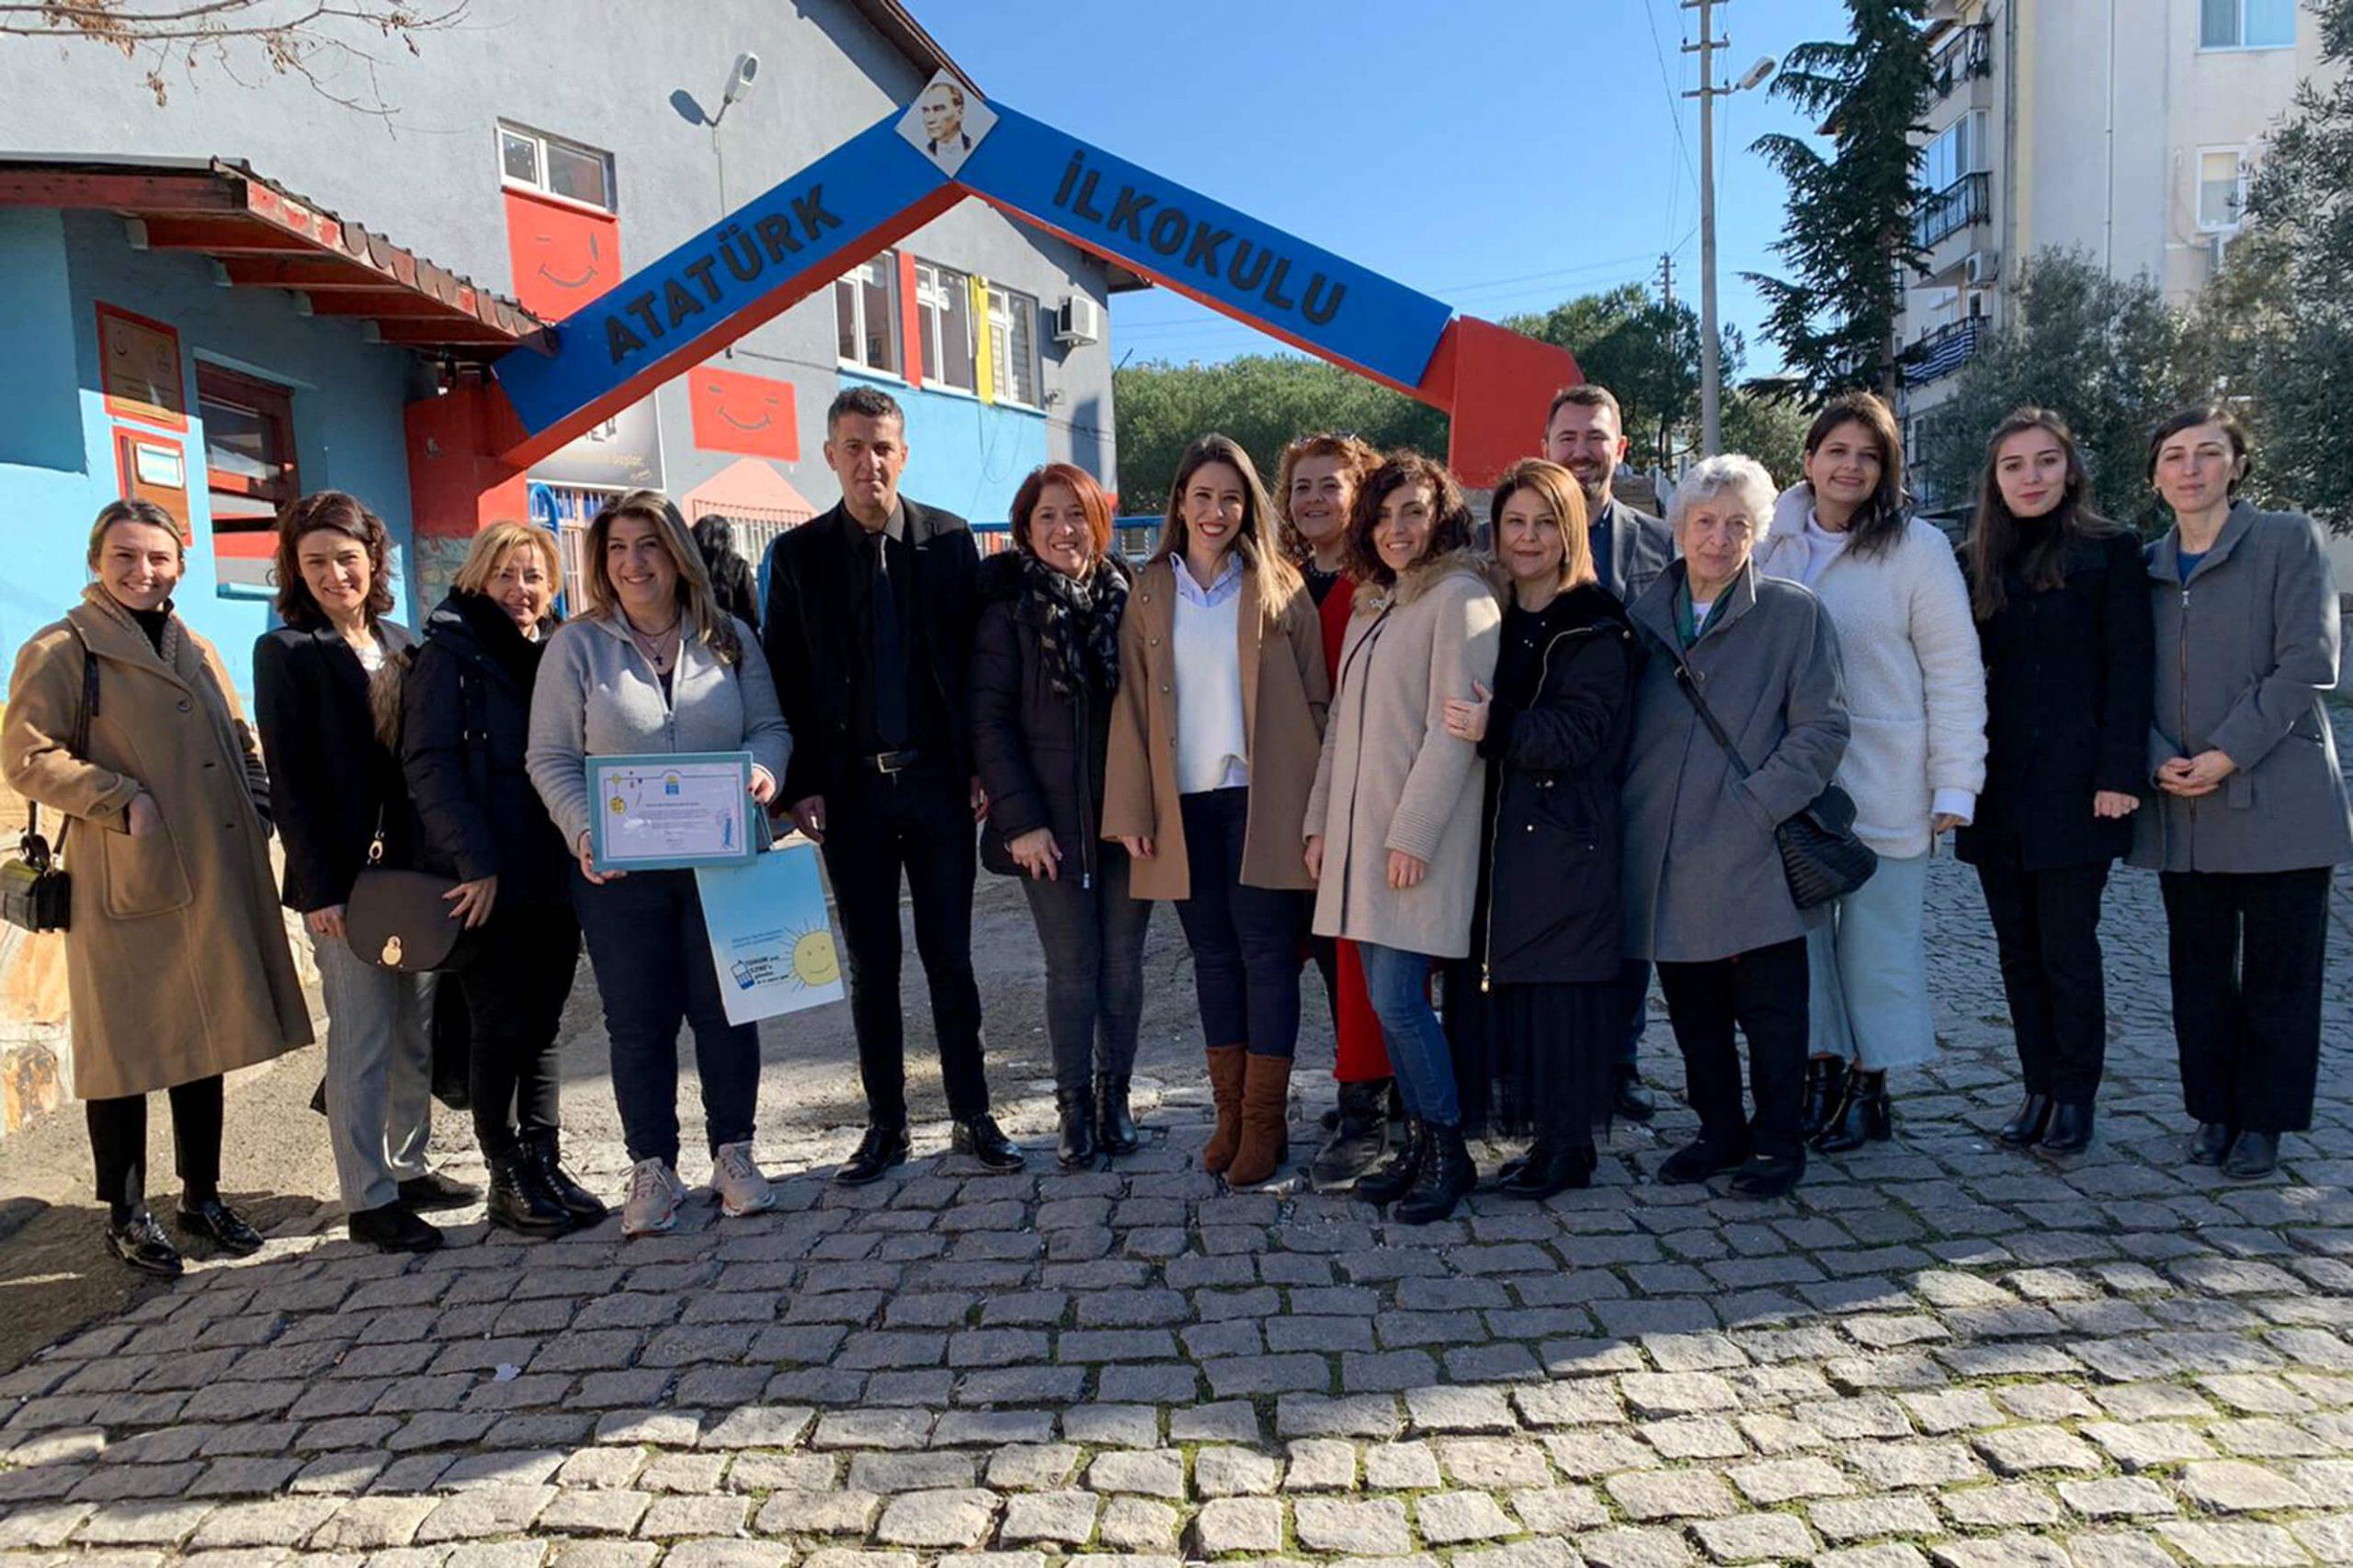 Tohum Otizm Vakfı, Balıkesir'de otizmli çocuklar için özel sınıf açtı